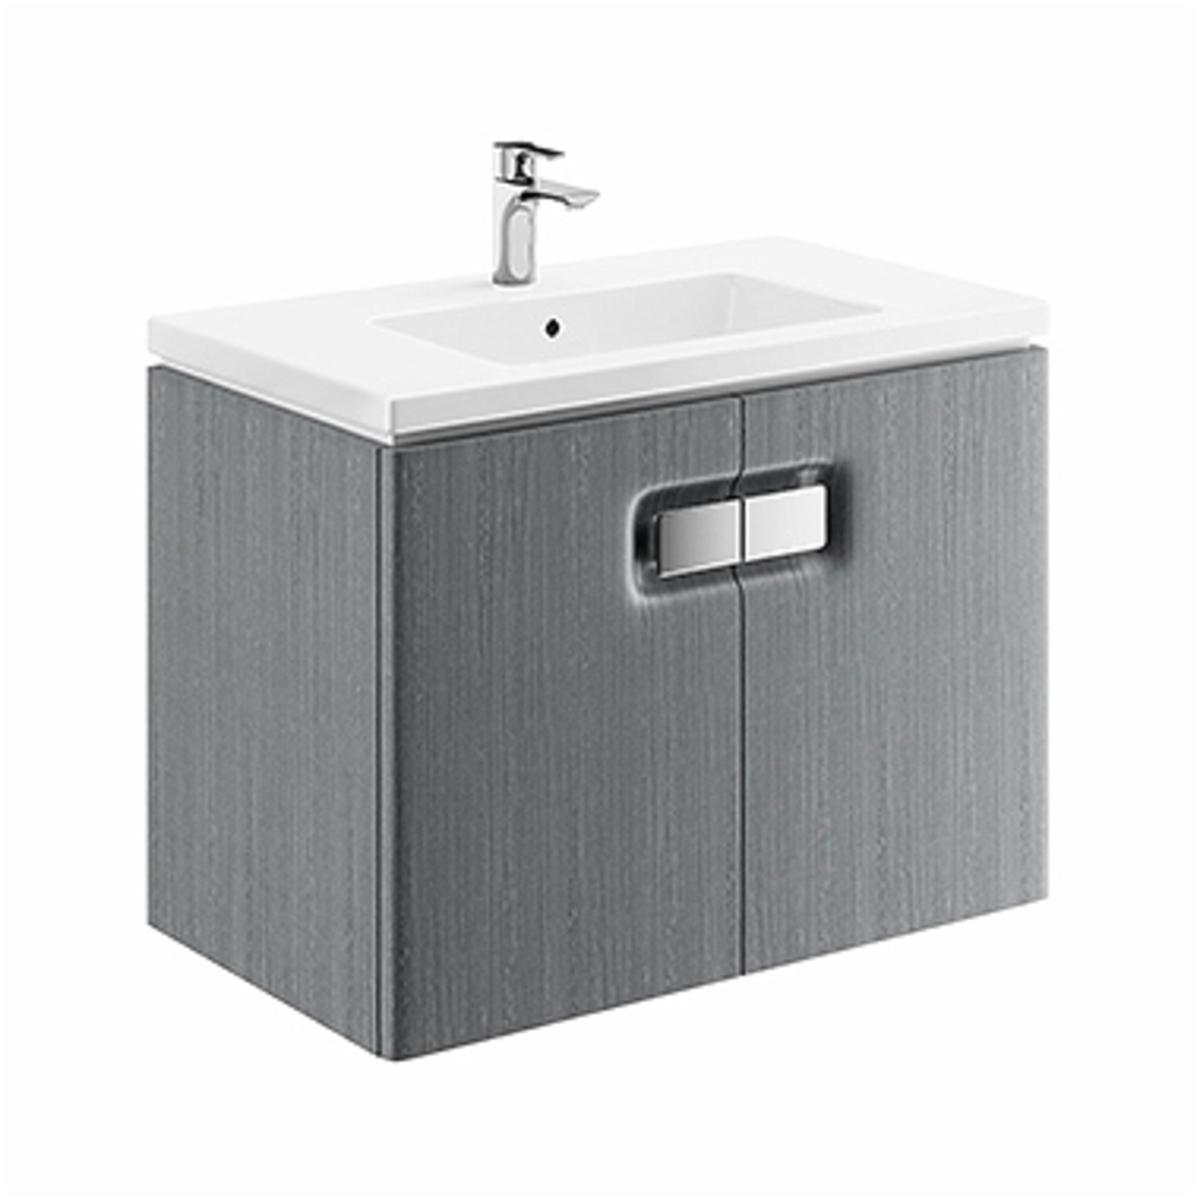 Kúpeľňová skrinka pod umývadlo Kolo Twins 80x57x46 cm strieborný grafit 89548000